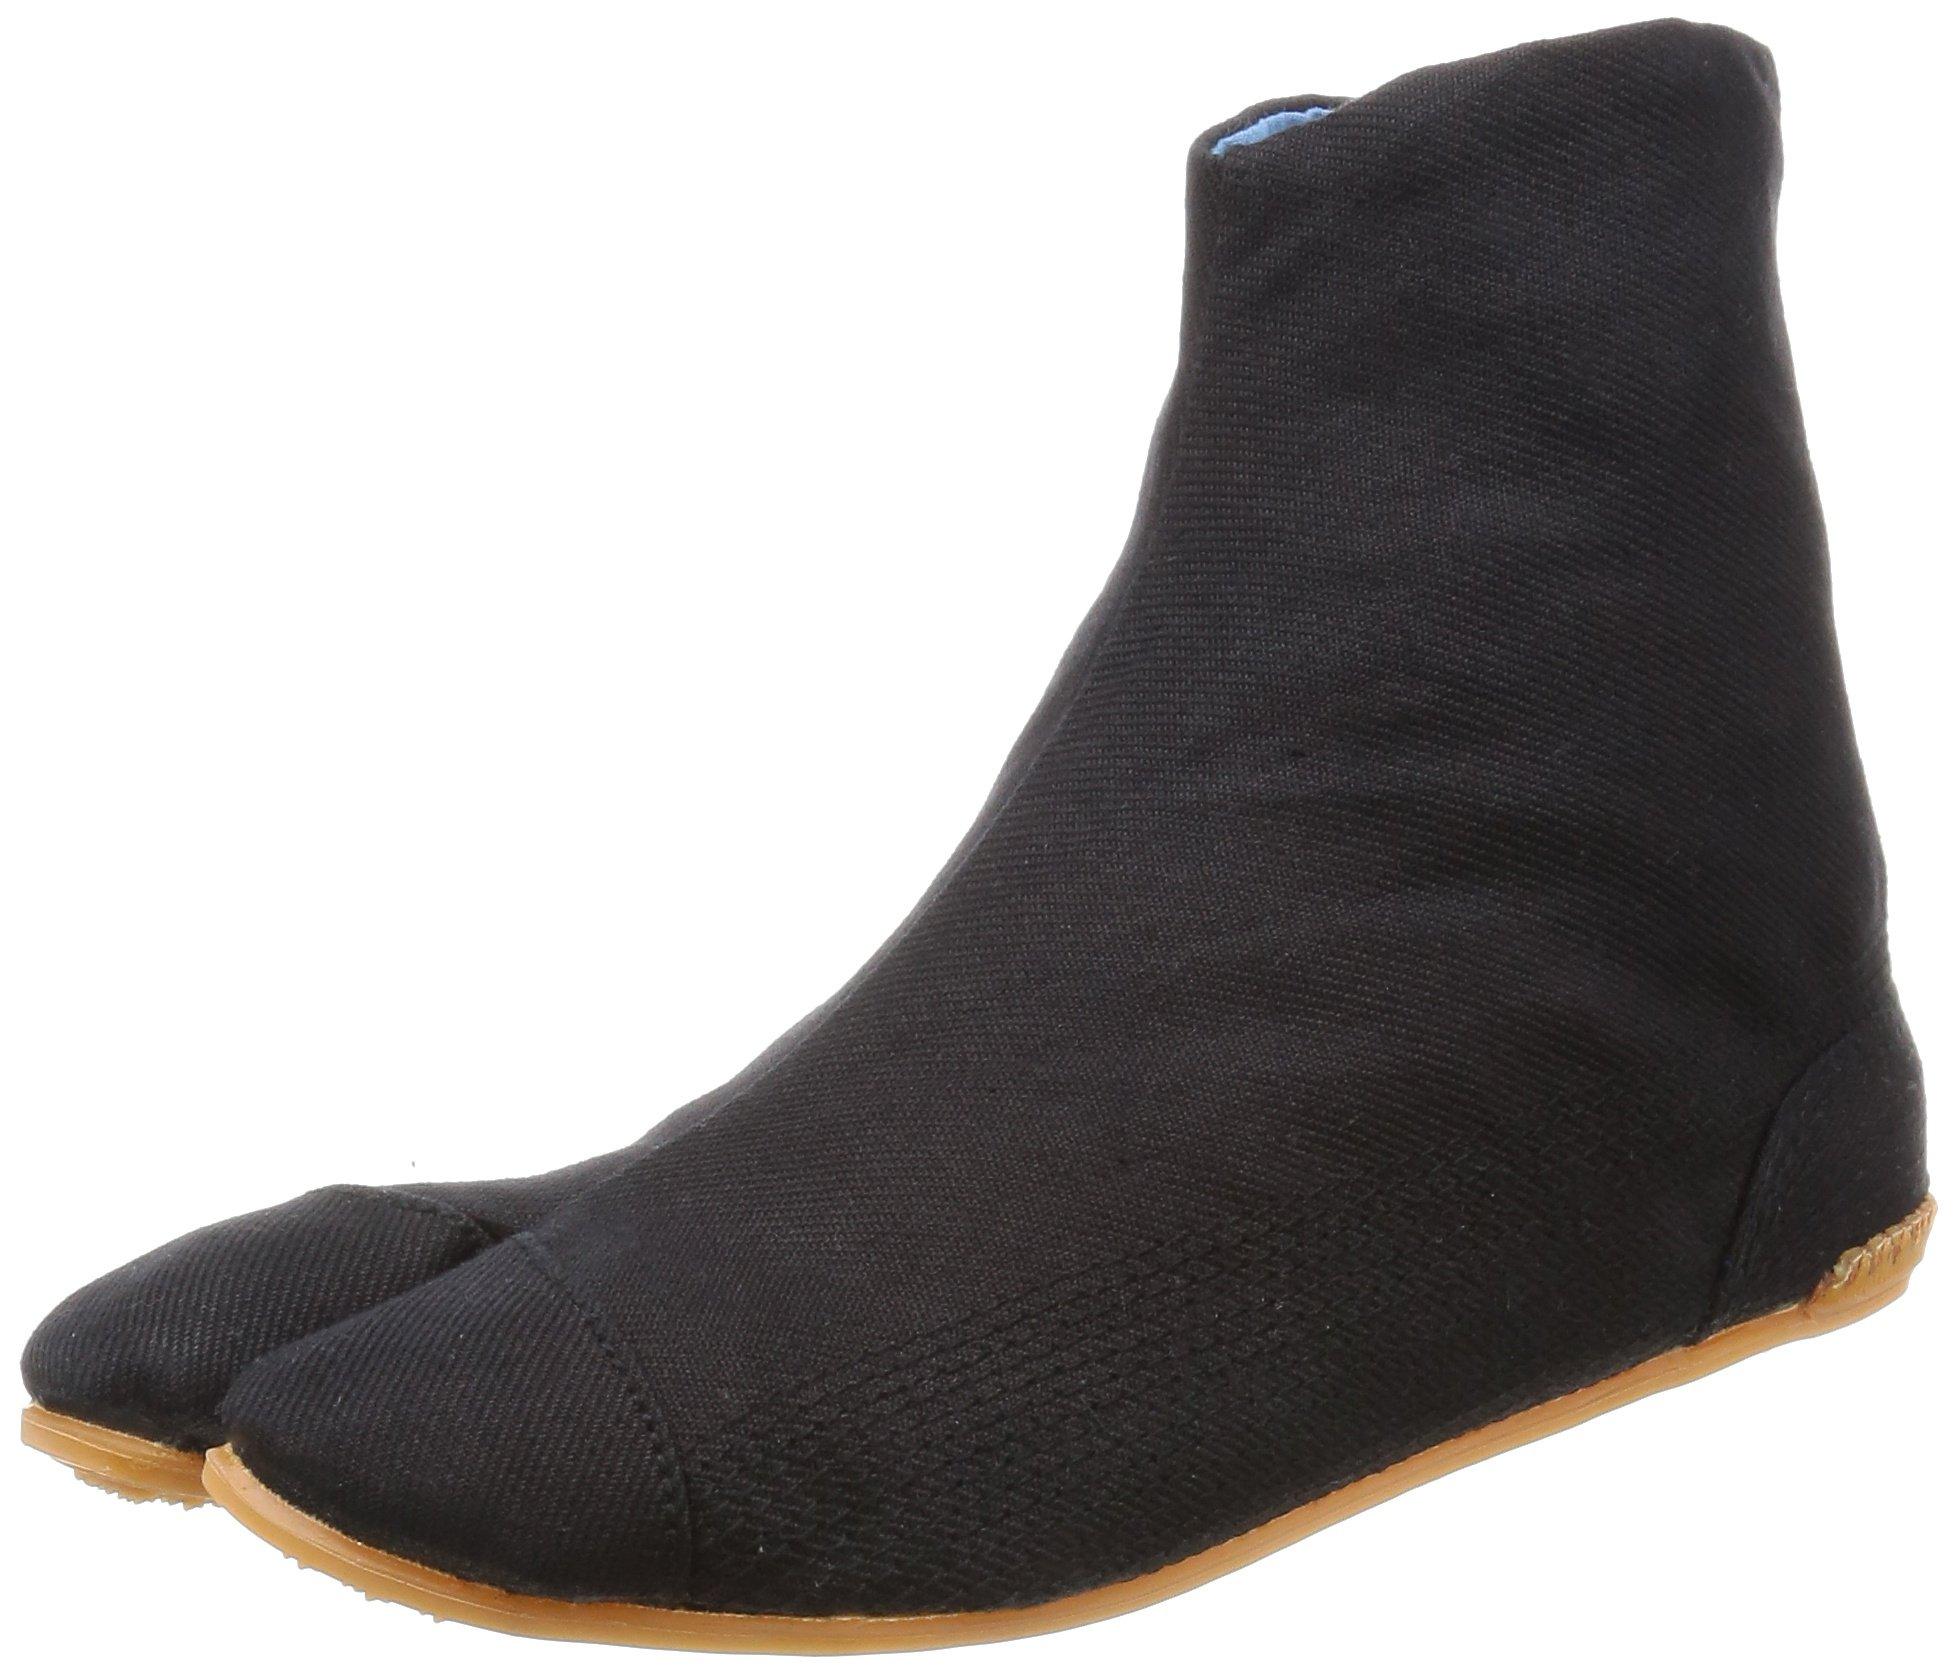 力王 Air Tabi Fit 祭日用男式日式短布袜 5 只装 黑色 28.0 cm